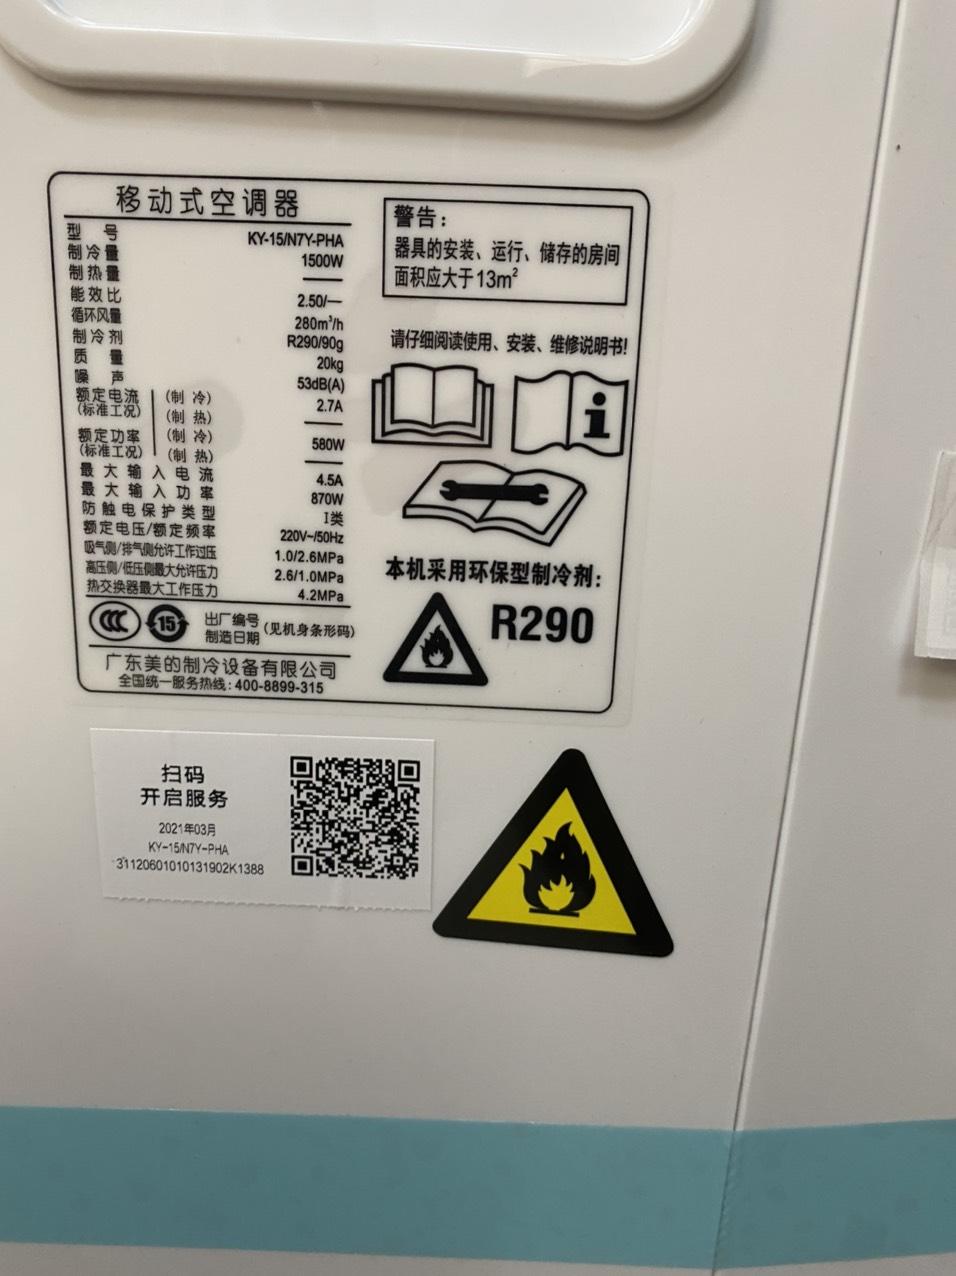 máy lạnh di động